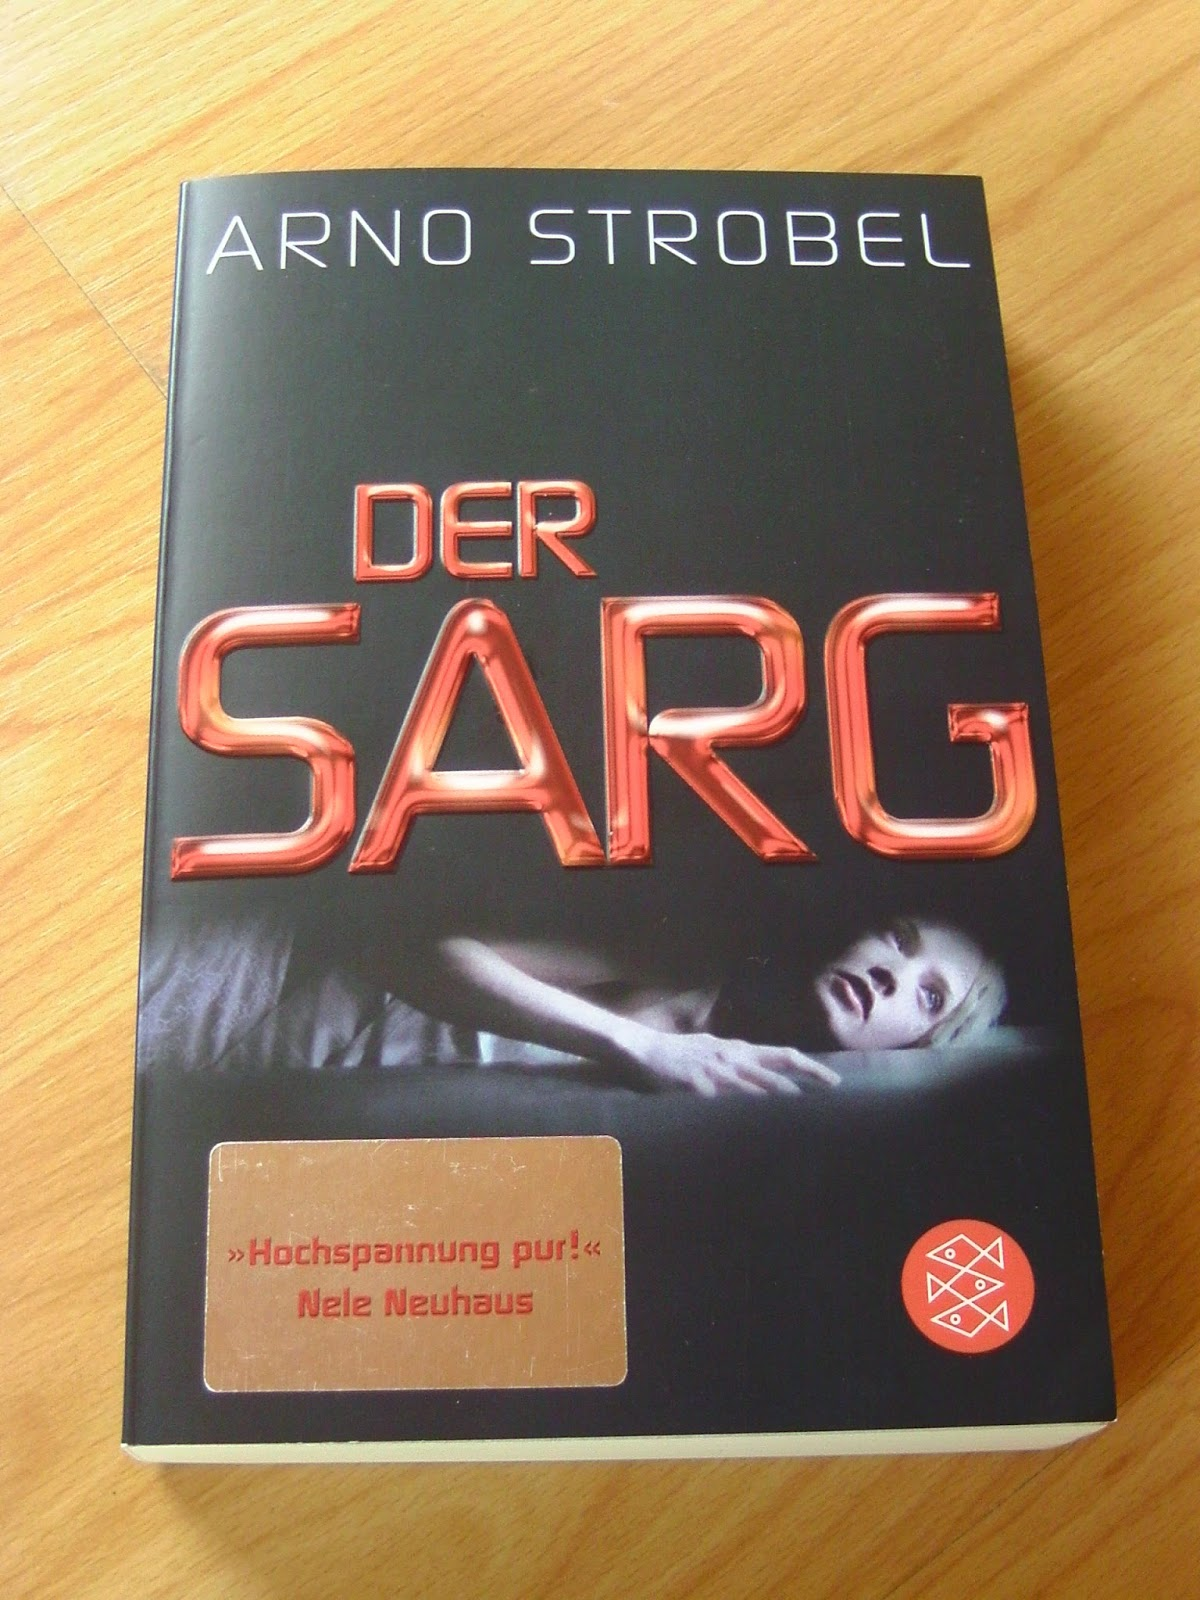 http://steffis-und-heikes-lesezauber.blogspot.de/2014/09/rezension-der-sarg-arno-strobel.html